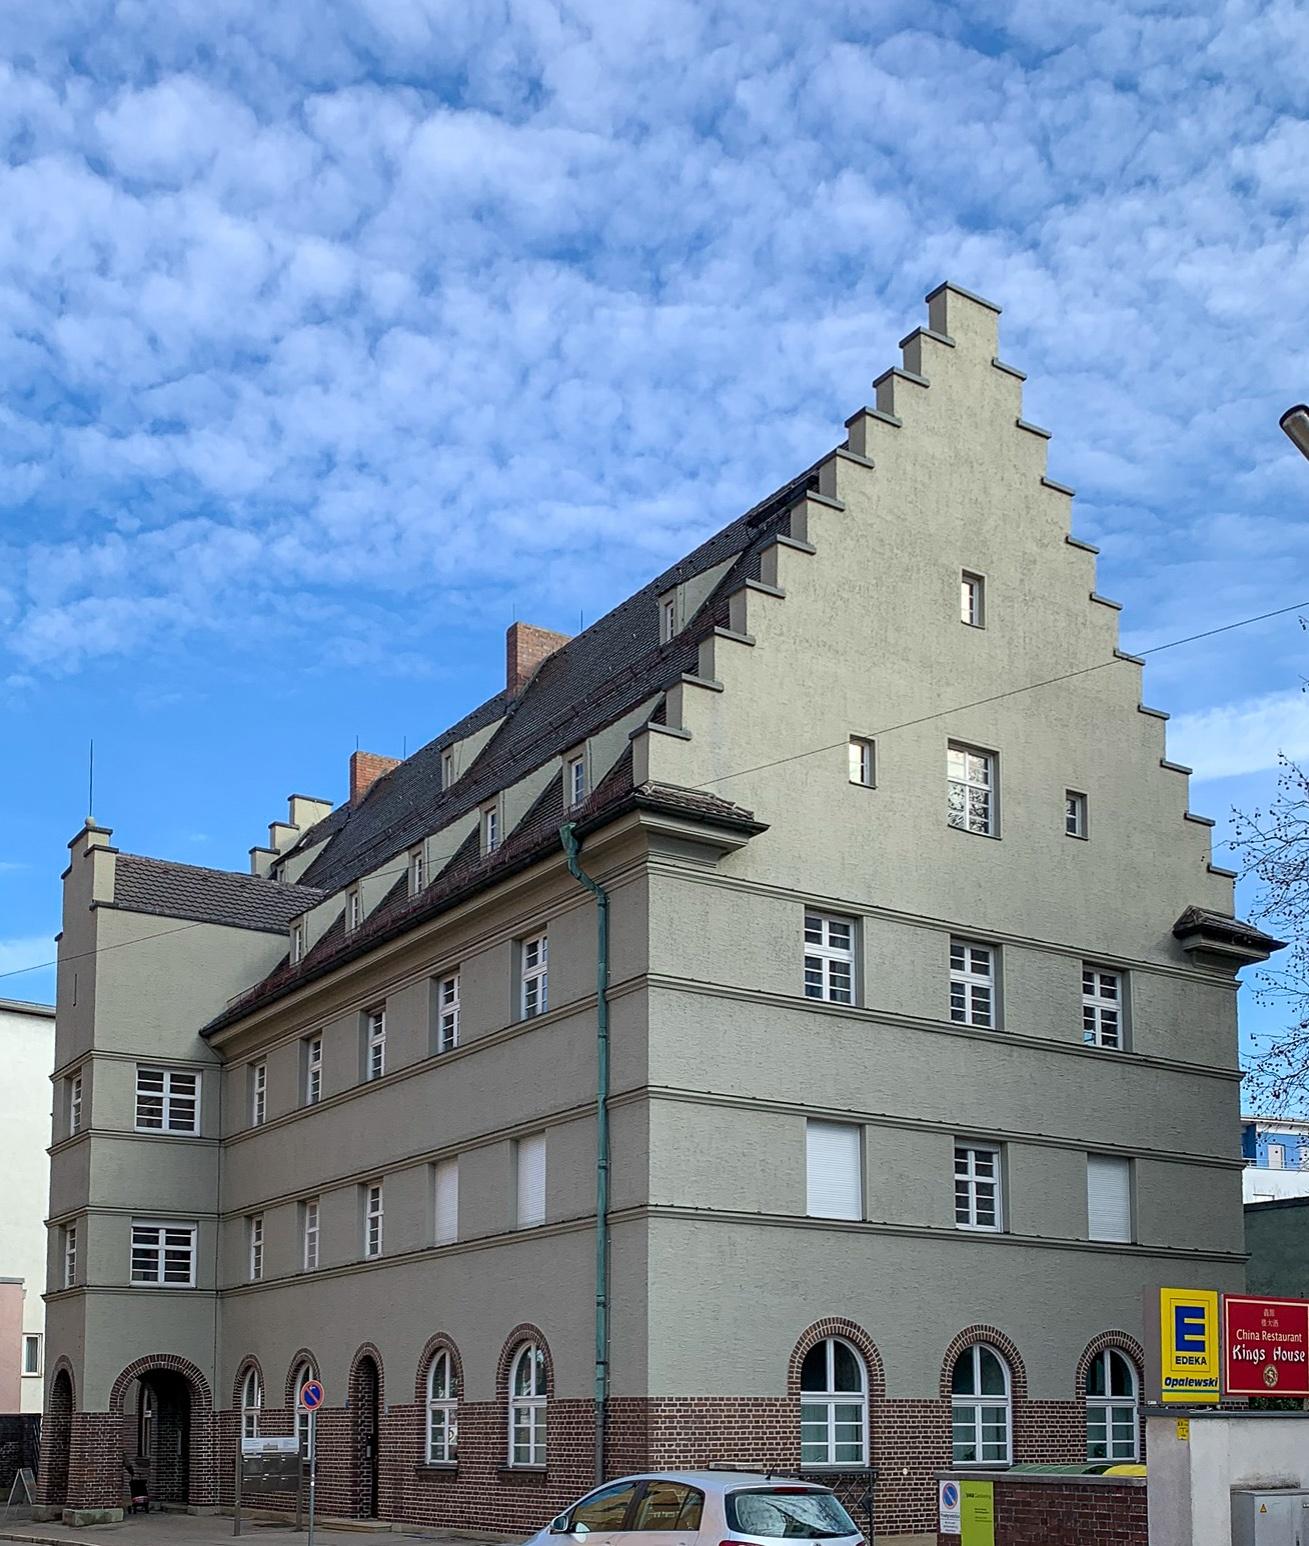 Postamt, 1922-1925. Architekt: Thomas Wechs